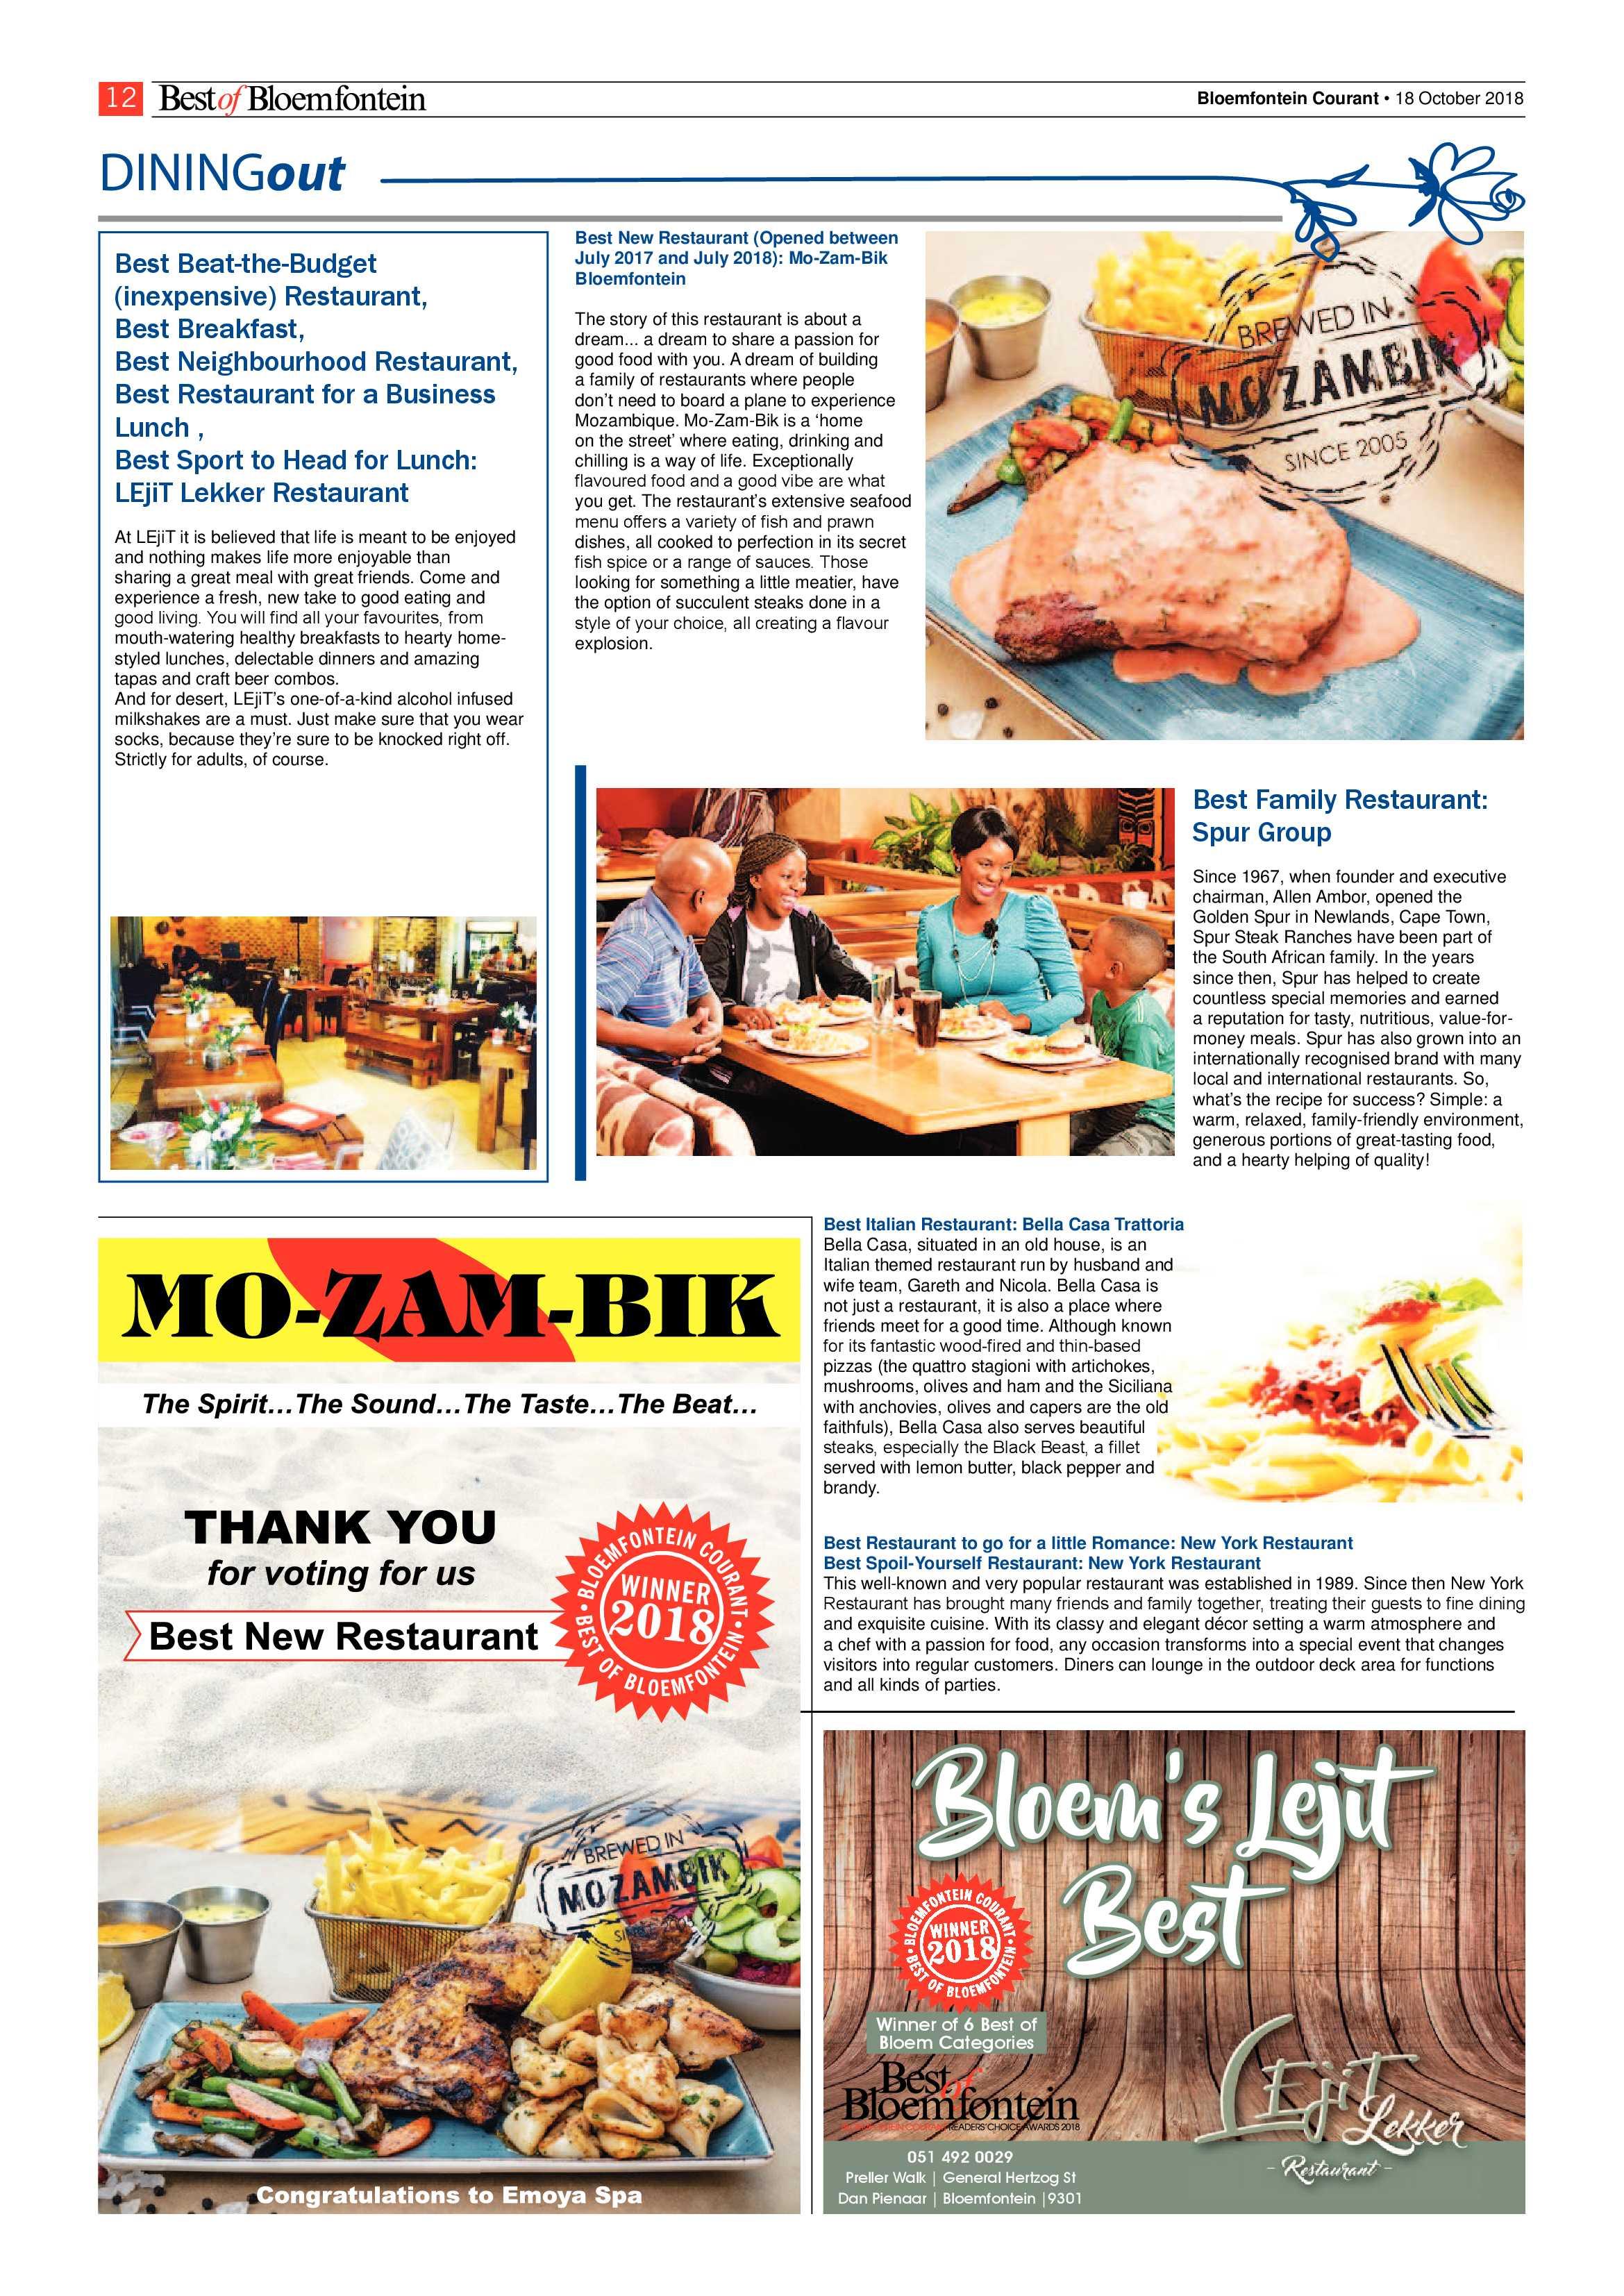 best-of-bloemfontein-2018-epapers-page-12